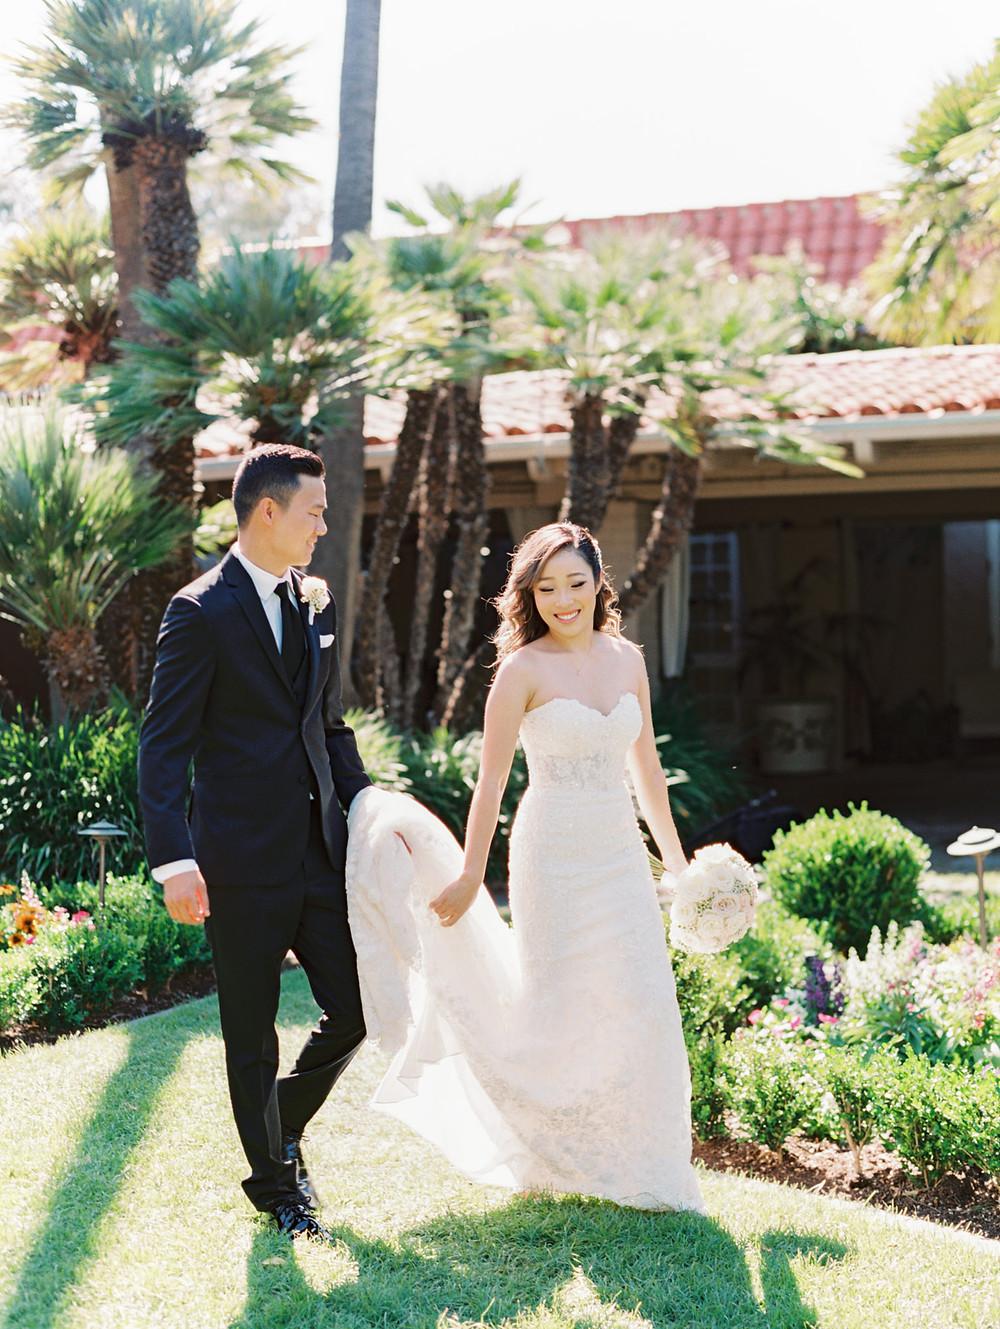 Esther + Yoon's Garden Wedding At Rancho Bernardo Inn in San Diego, CA